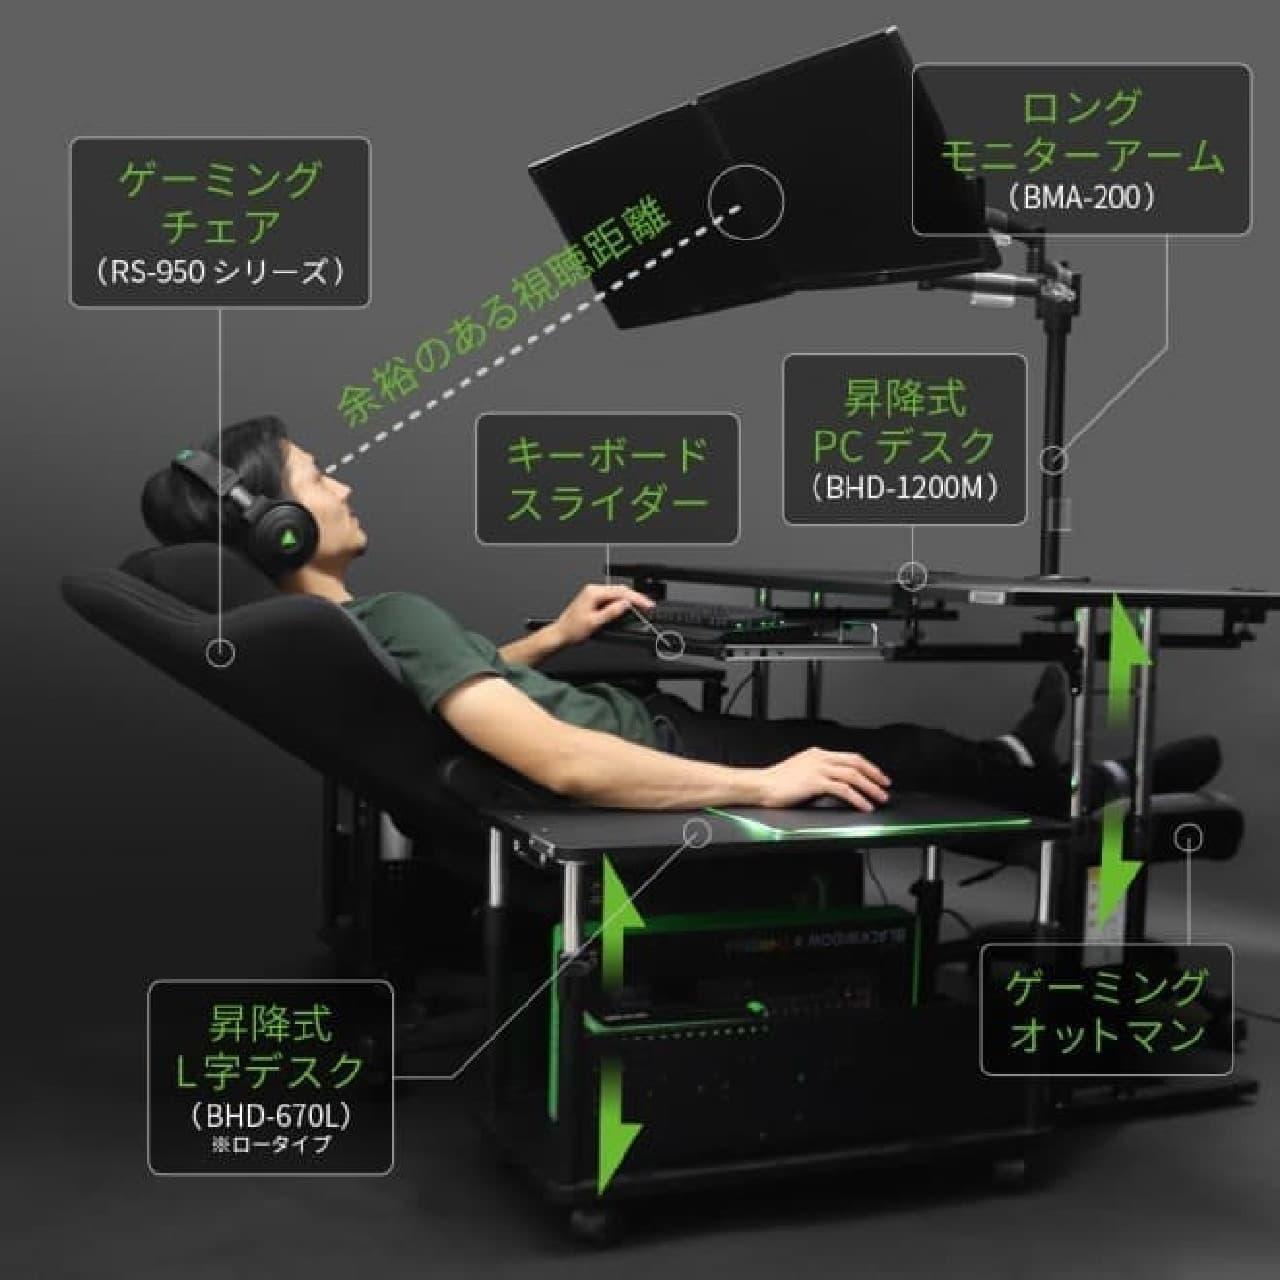 寝ながらPC操作ができるデスク環境を10万円以内で